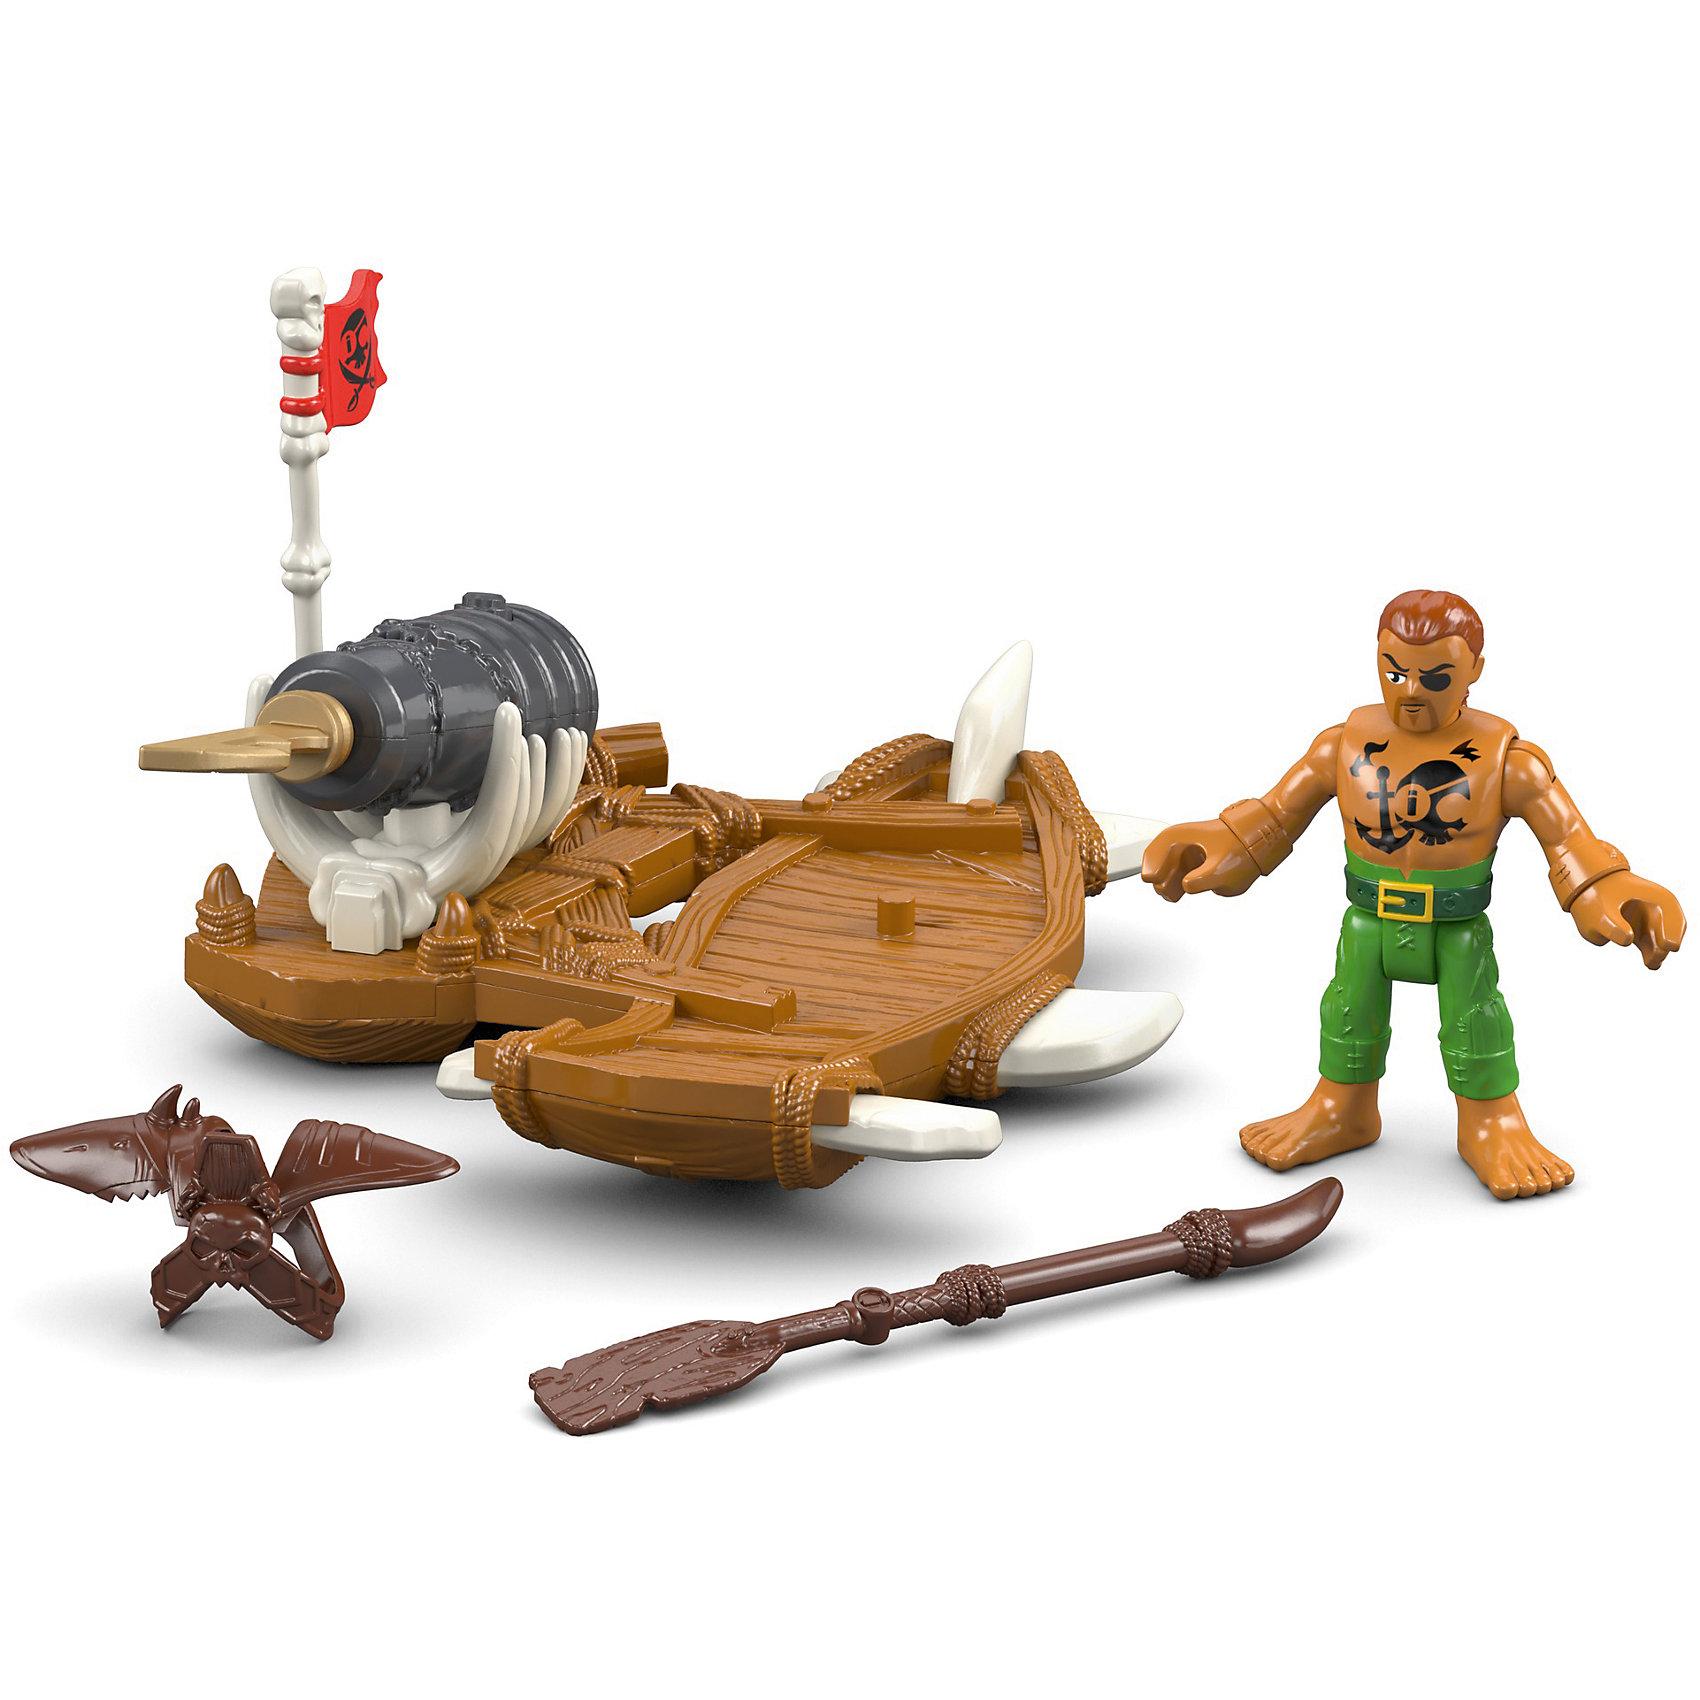 Базовая фигурка пирата Captain Kid &amp; Surf Board, Imaginext, Fisher PriceКоллекционные и игровые фигурки<br>Характеристики товара:<br><br>• возраст: от 3 лет;<br>• материал: пластик;<br>• в комплекте: фигурка, аксессуары;<br>• размер упаковки: 16х19х6,5 см;<br>• вес упаковки: 213 гр.;<br>• страна производитель: Китай.<br><br>Базовая фигурка пирата Captain Kid &amp; Surf Board Imaginext Fisher Price позволит детям устроить невероятные интересные игры про пиратов. В комплекте фигурка, у которой подвижные руки и ноги. В руках у пирата оружие. Он плывет на доске, на которой стоит пушка. Игрушка выполнена из качественного безопасного пластика.<br><br>Базовую фигурку пирата Captain Kid &amp; Surf Board Imaginext Fisher Price можно приобрести в нашем интернет-магазине.<br><br>Ширина мм: 160<br>Глубина мм: 65<br>Высота мм: 190<br>Вес г: 213<br>Возраст от месяцев: 36<br>Возраст до месяцев: 96<br>Пол: Мужской<br>Возраст: Детский<br>SKU: 6771821